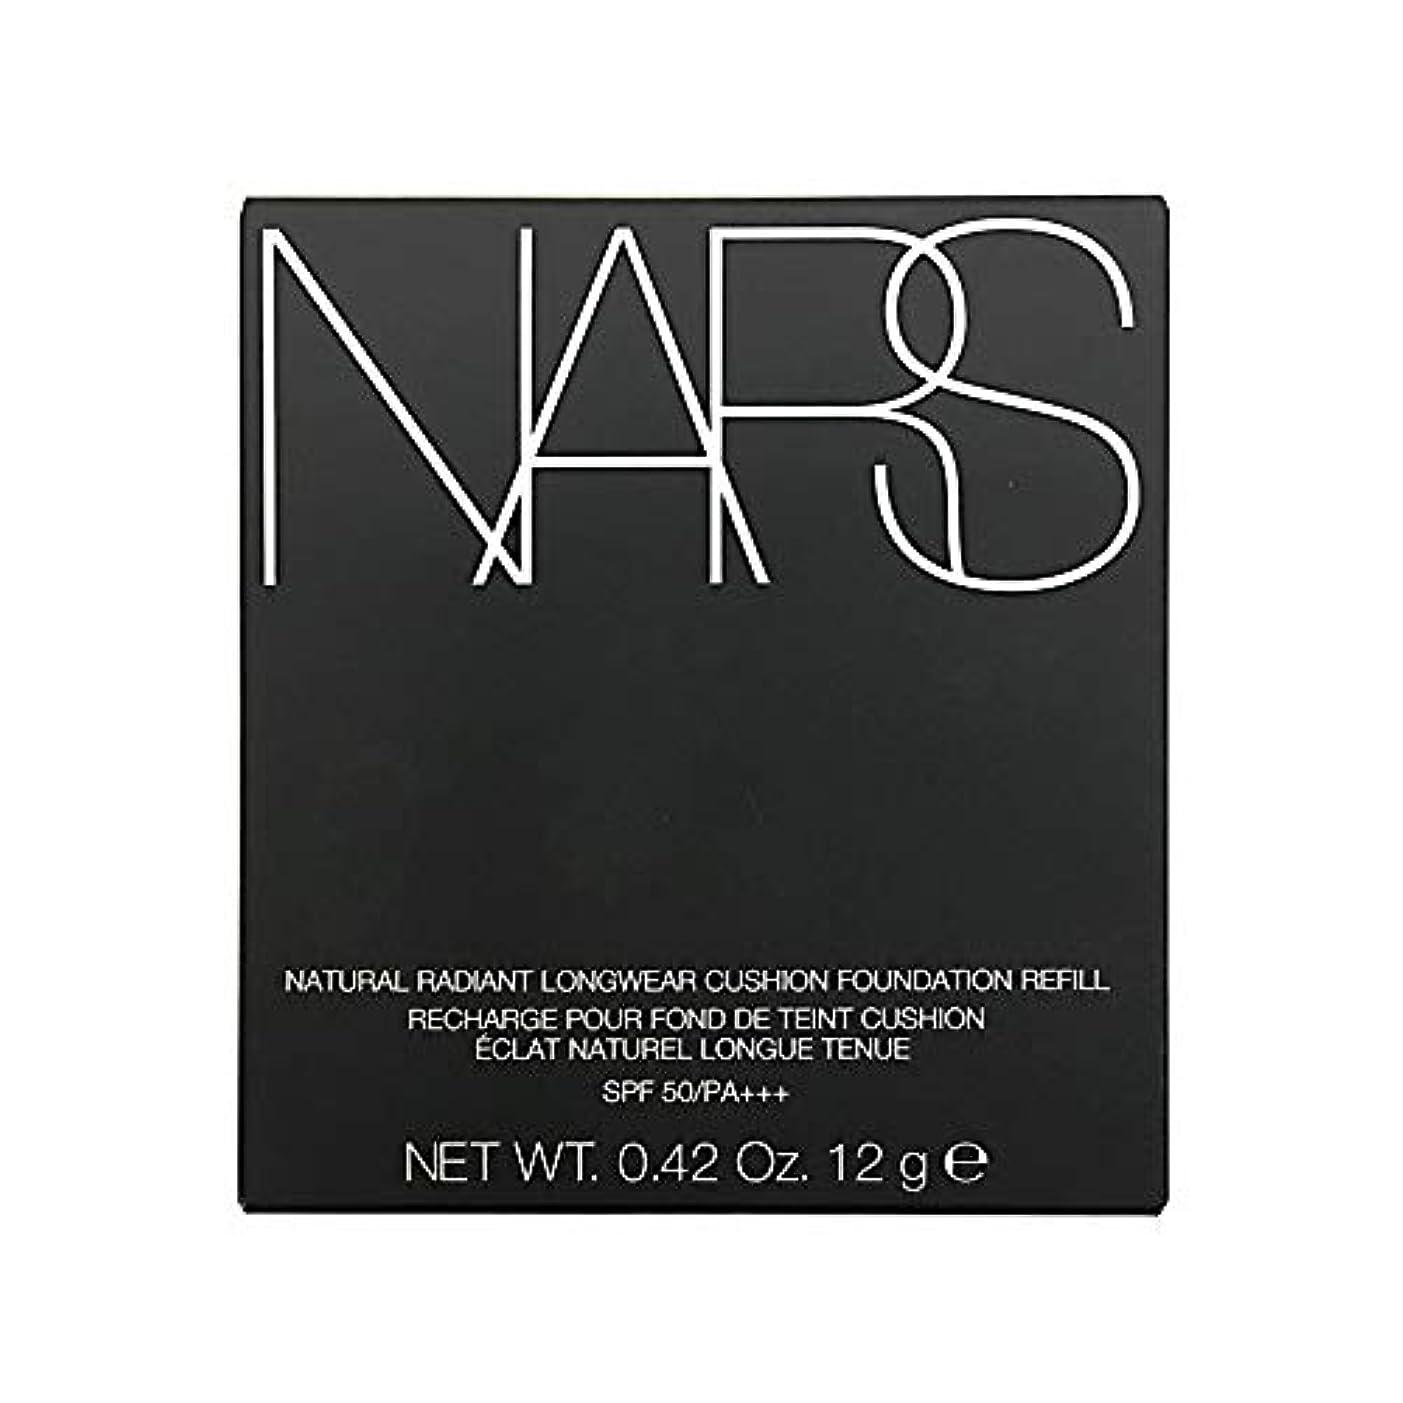 部分嘆く野ウサギナーズ/NARS ナチュラルラディアント ロングウェア クッションファンデーション(レフィル)#5877 [ クッションファンデ ] [並行輸入品]